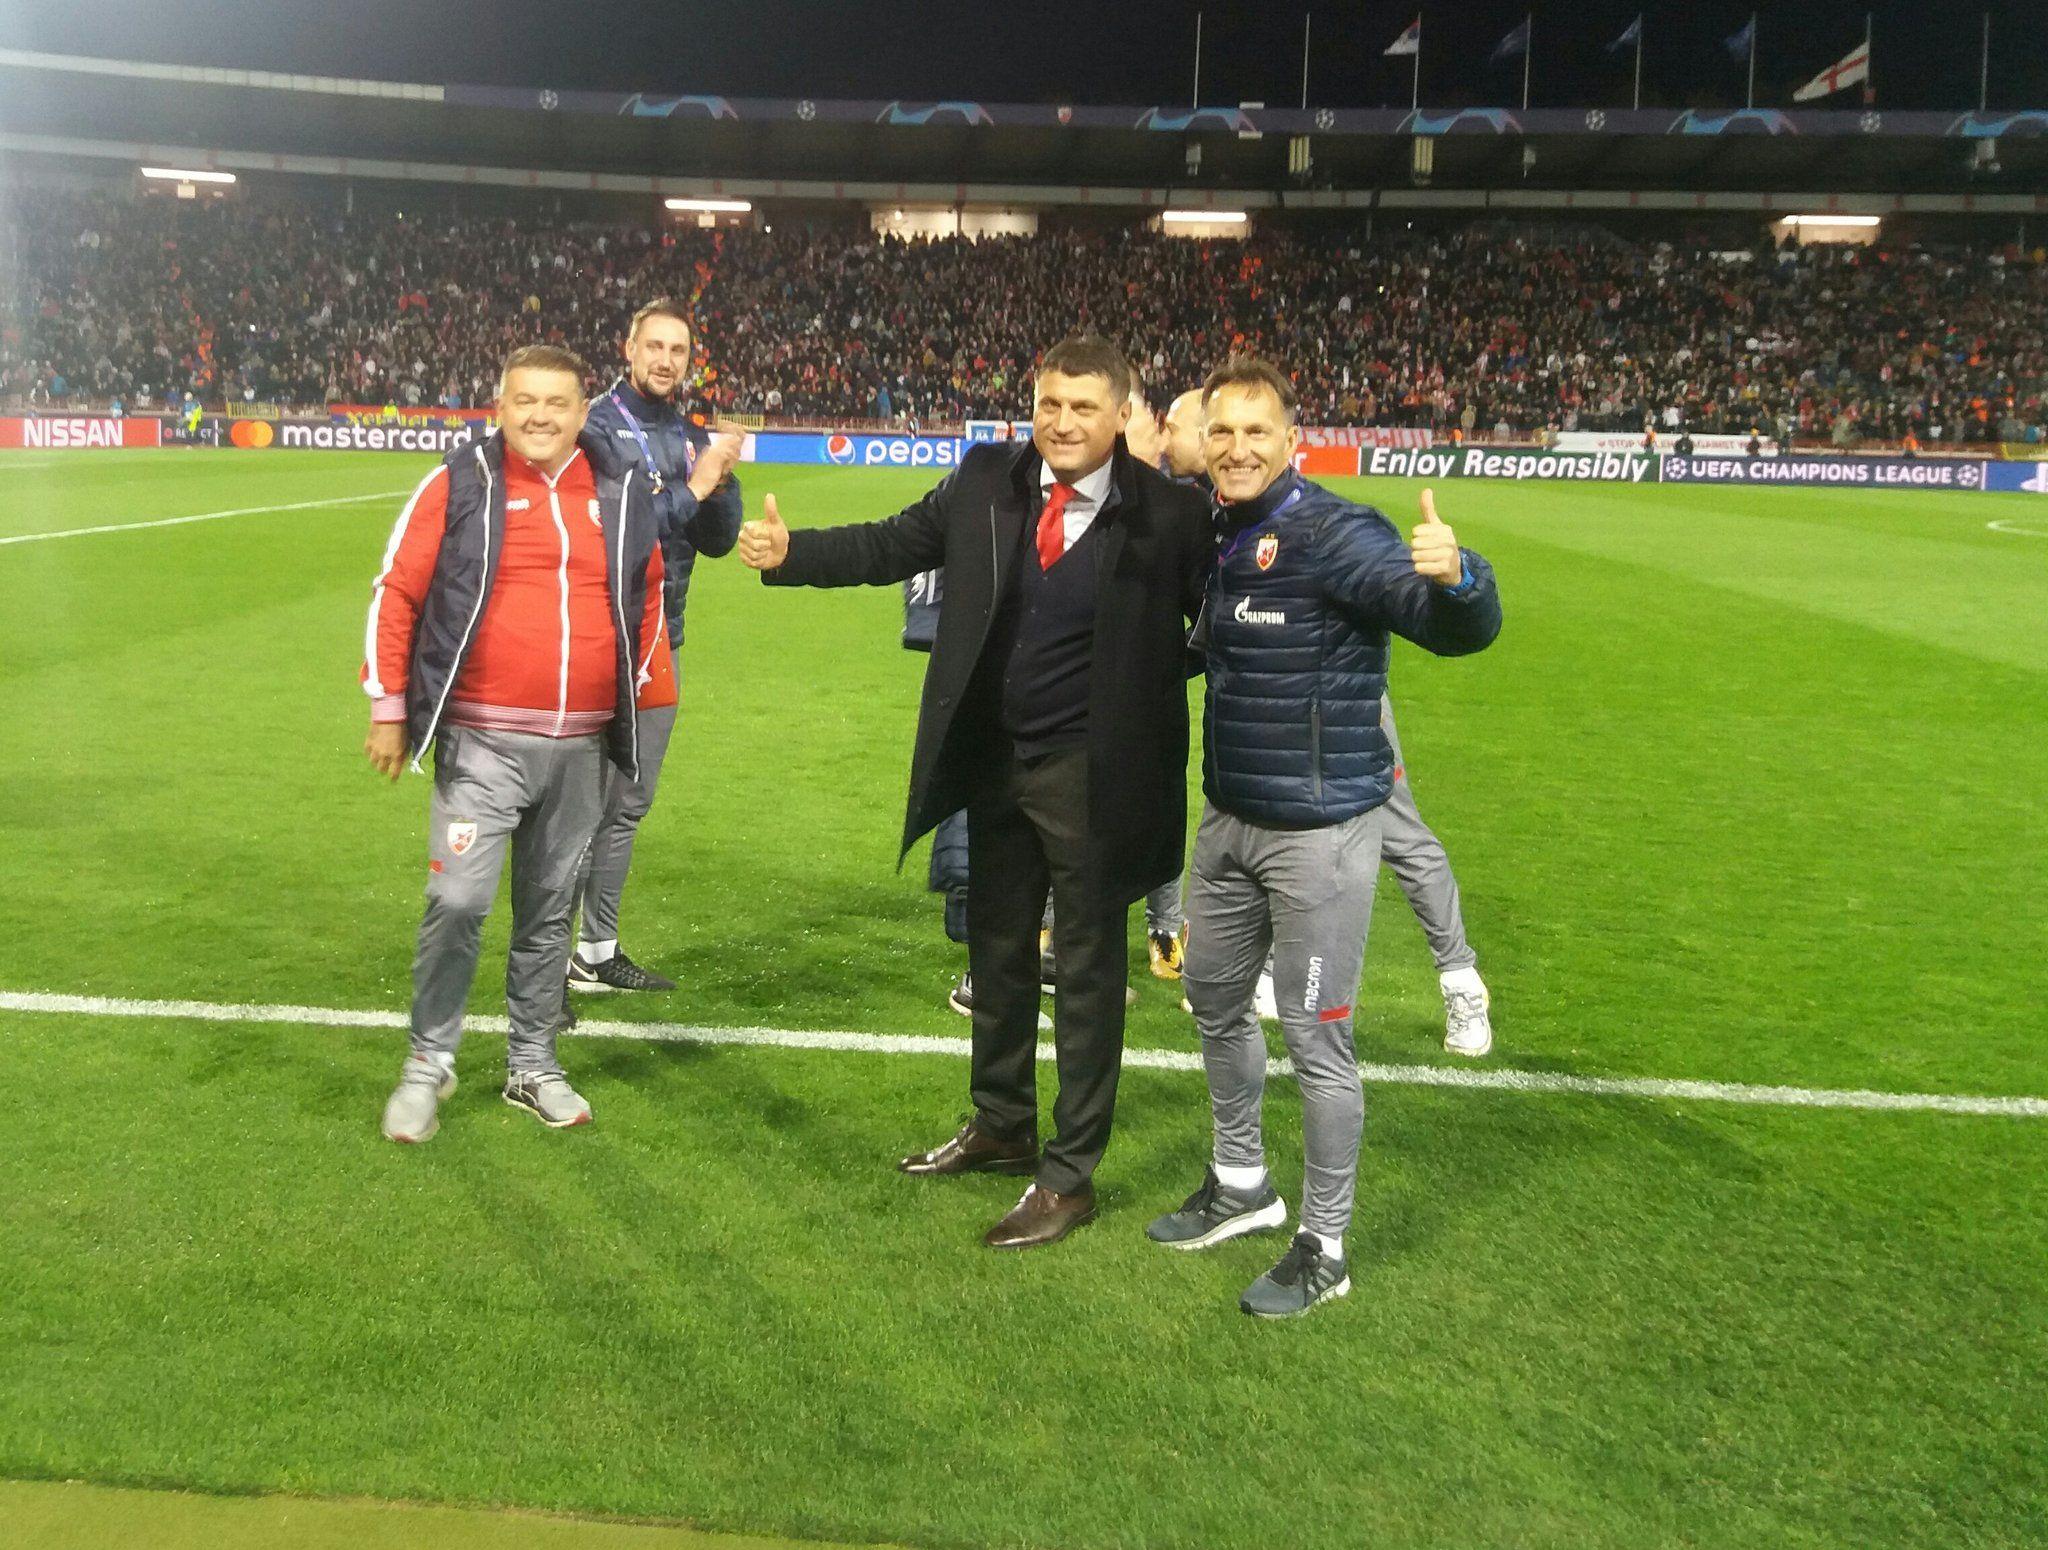 FK Crvena zvezda on Soccer field, Sports, Soccer